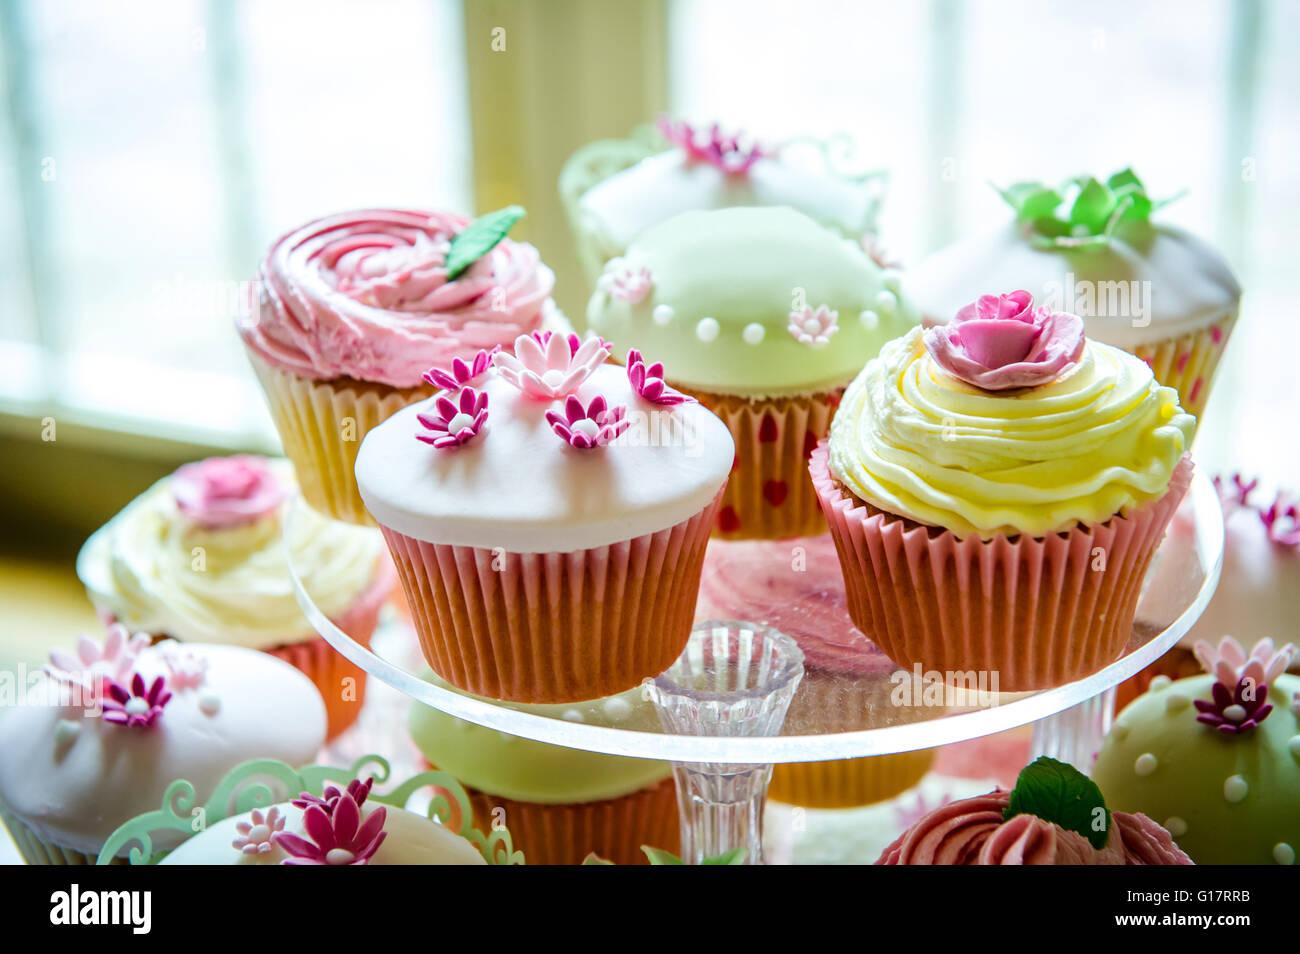 Variété de jolis cupcakes sur cakestand Photo Stock